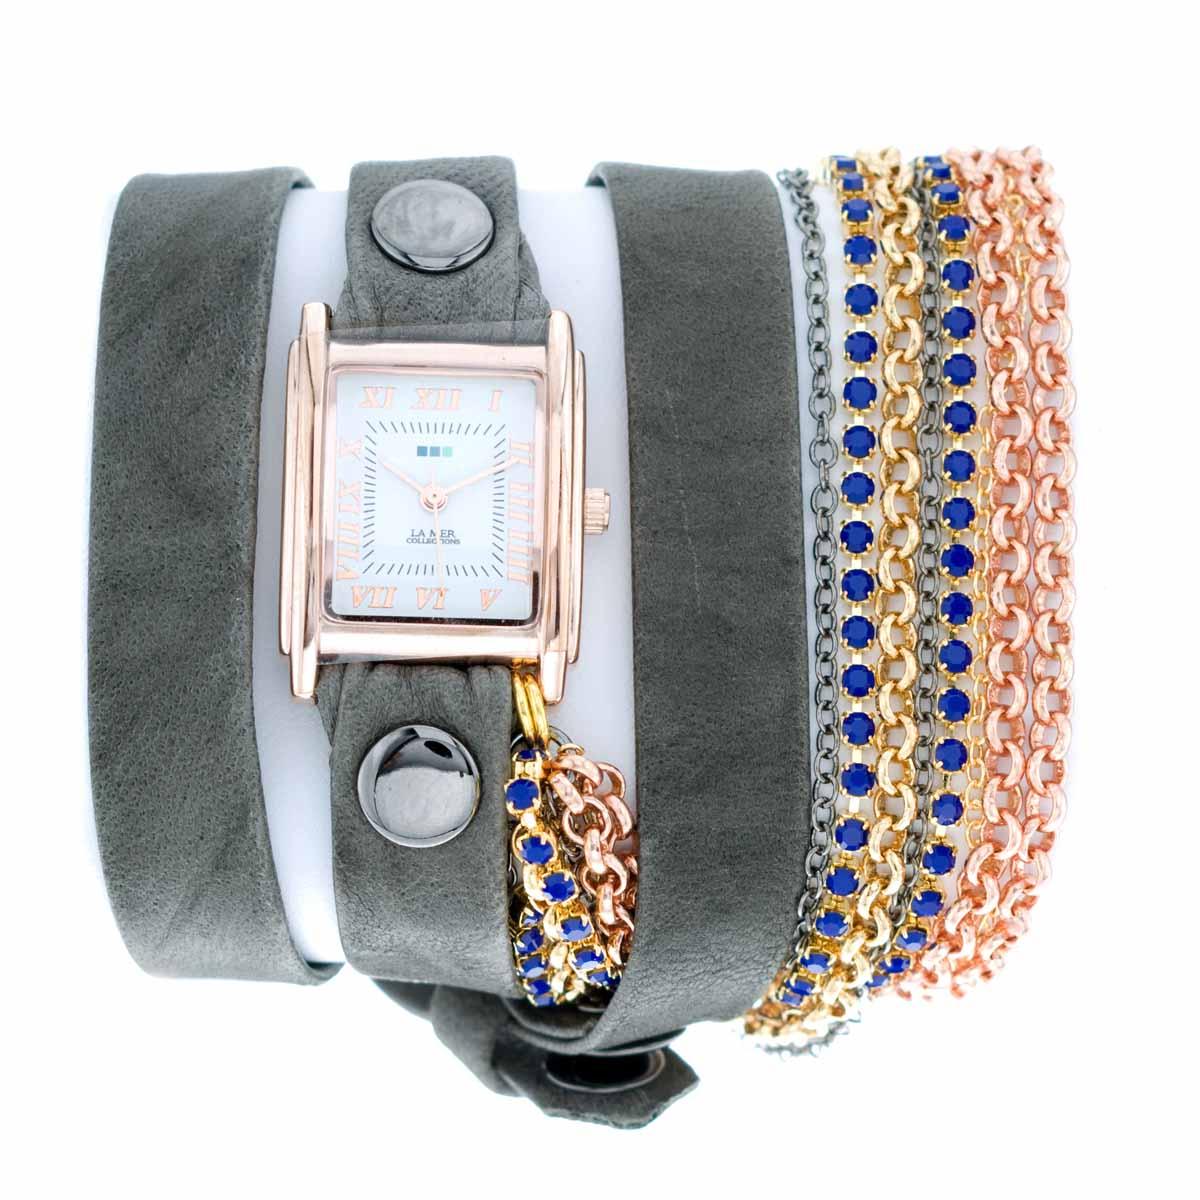 Часы женские наручные La Mer Collections Crystal Sapphire Blue. LMMULTI8003xLMMULTI8003xЖенские наручные часы Crystal Sapphire Blue позволят вам выделиться из толпы и подчеркнуть свою индивидуальность. Часы оснащены японским кварцевым механизмом SEIKO. Ремешок выполнен из натуральной итальянской кожи с матовой поверхностью и декорирован позолоченными цепочками, инкрустированными кристаллами Swarovski. Корпус часов изготовлен из сплава металлов золотистого цвета. Циферблат оснащен часовой, минутной и секундной стрелками и защищен минеральным стеклом. Циферблат оформлен римскими цифрами и отметками. Часы застегиваются на классическую застежку. Часы хранятся на специальной подушечке в футляре из искусственной кожи, крышка которого оформлена логотипом компании La Mer Collection.